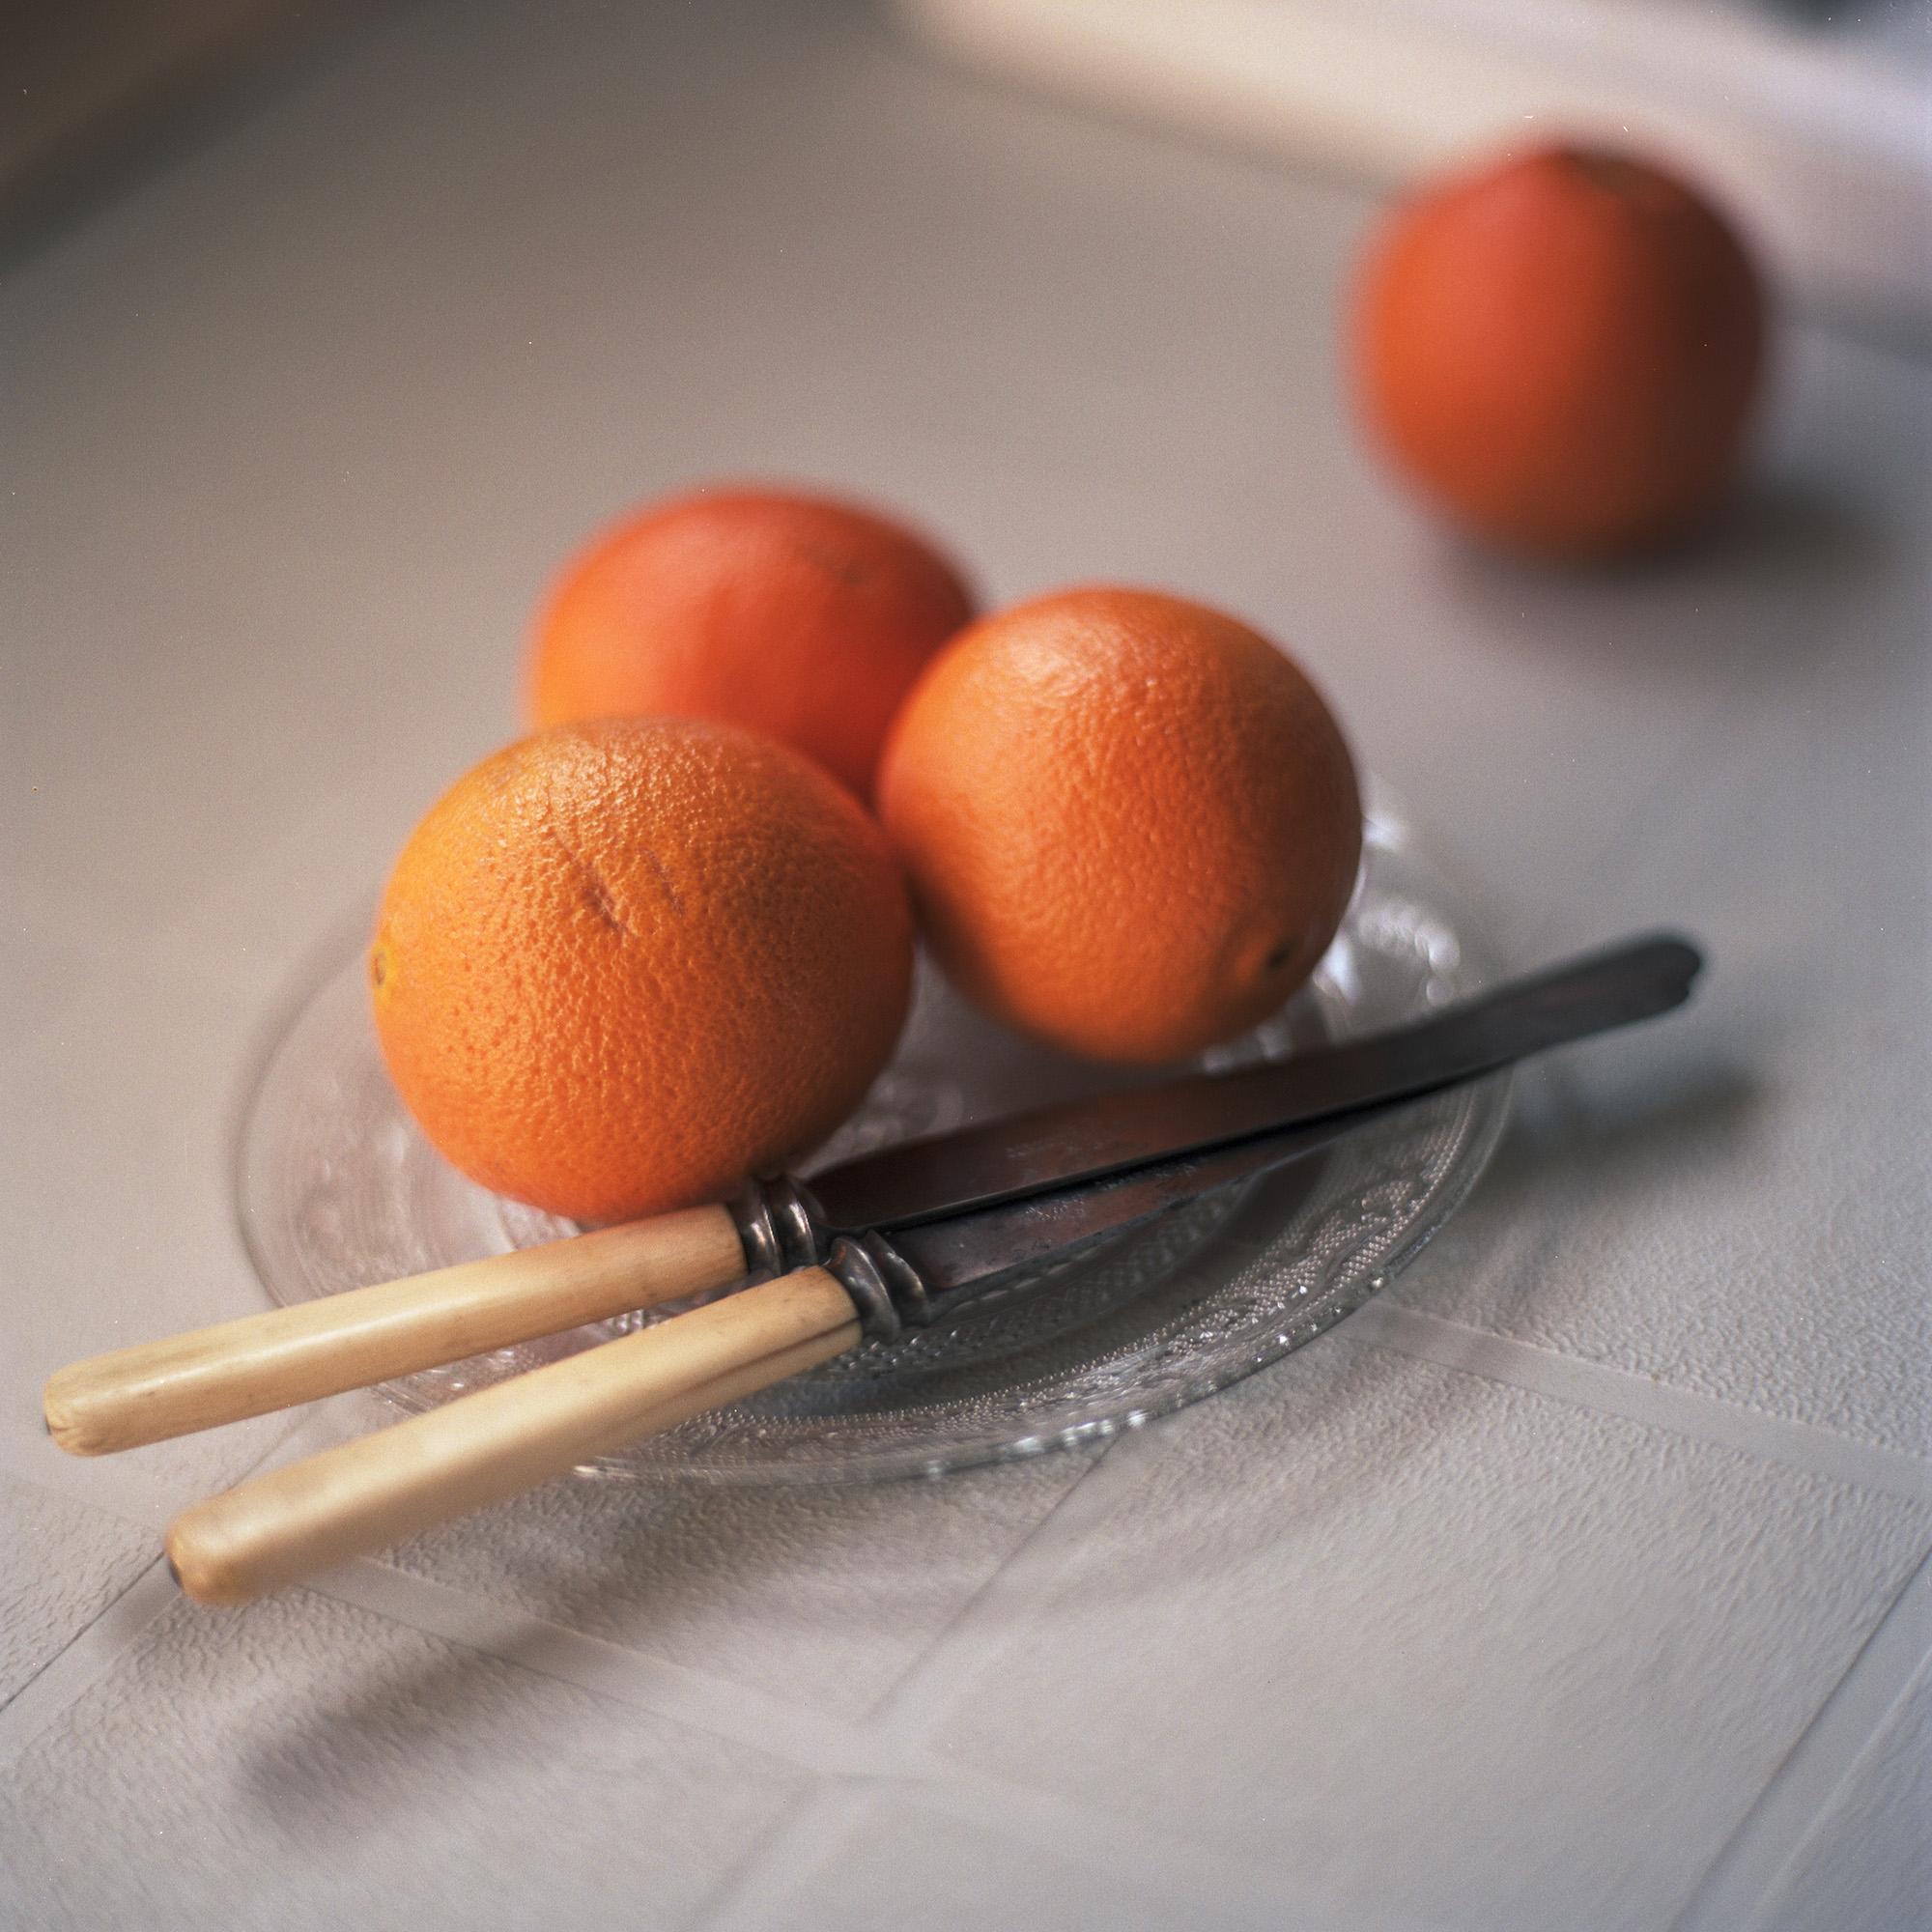 Oranges on Plate.jpg